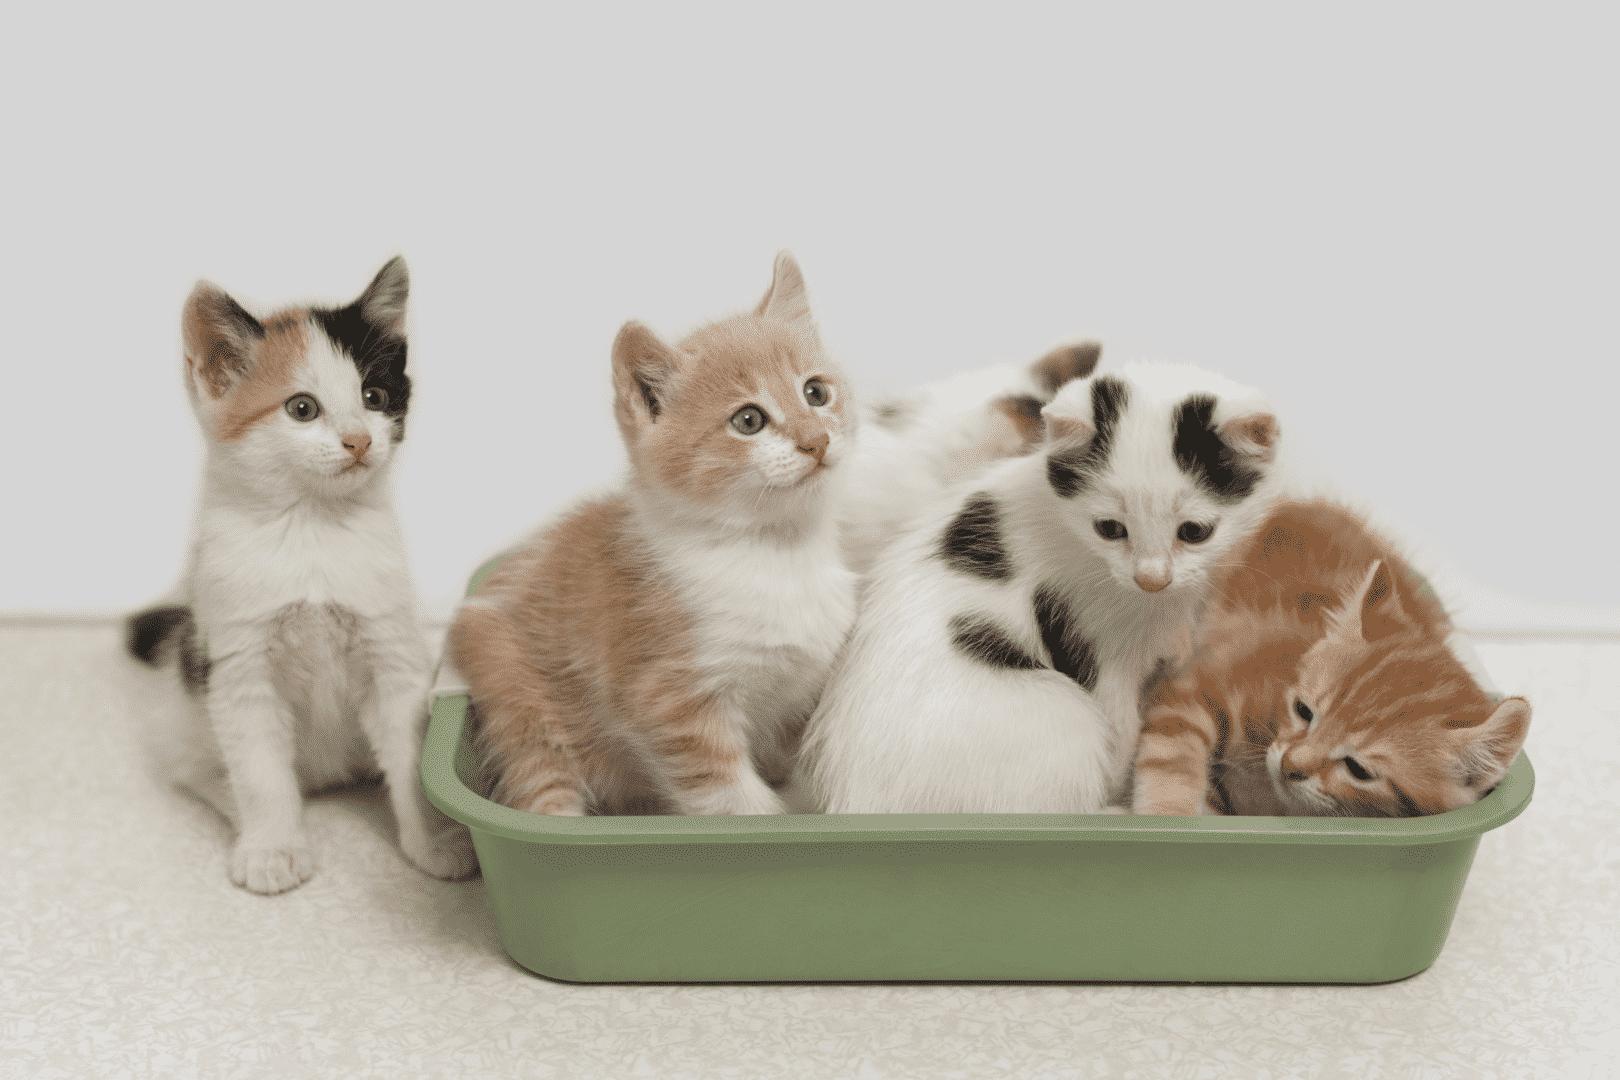 caixa de areia para gatos como escolher a ideal para o seu bichano 2